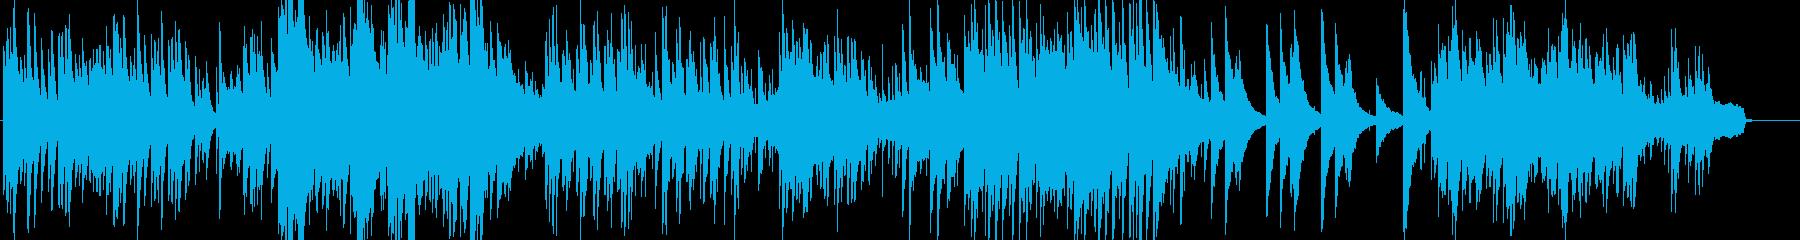 可愛いピアノのメロディーの音楽の再生済みの波形